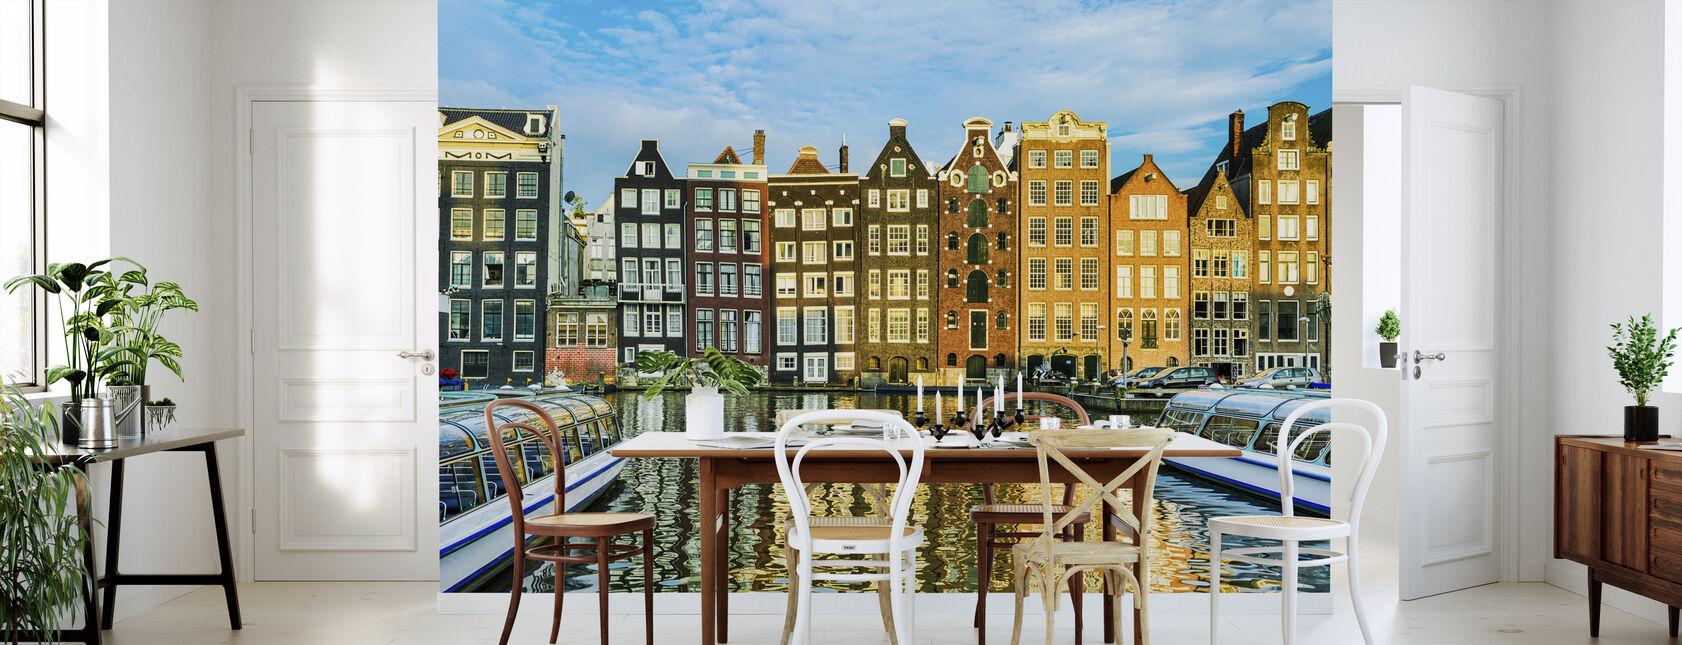 Traditionele Huizen van Amsterdam, Nederland - Behang - Keuken